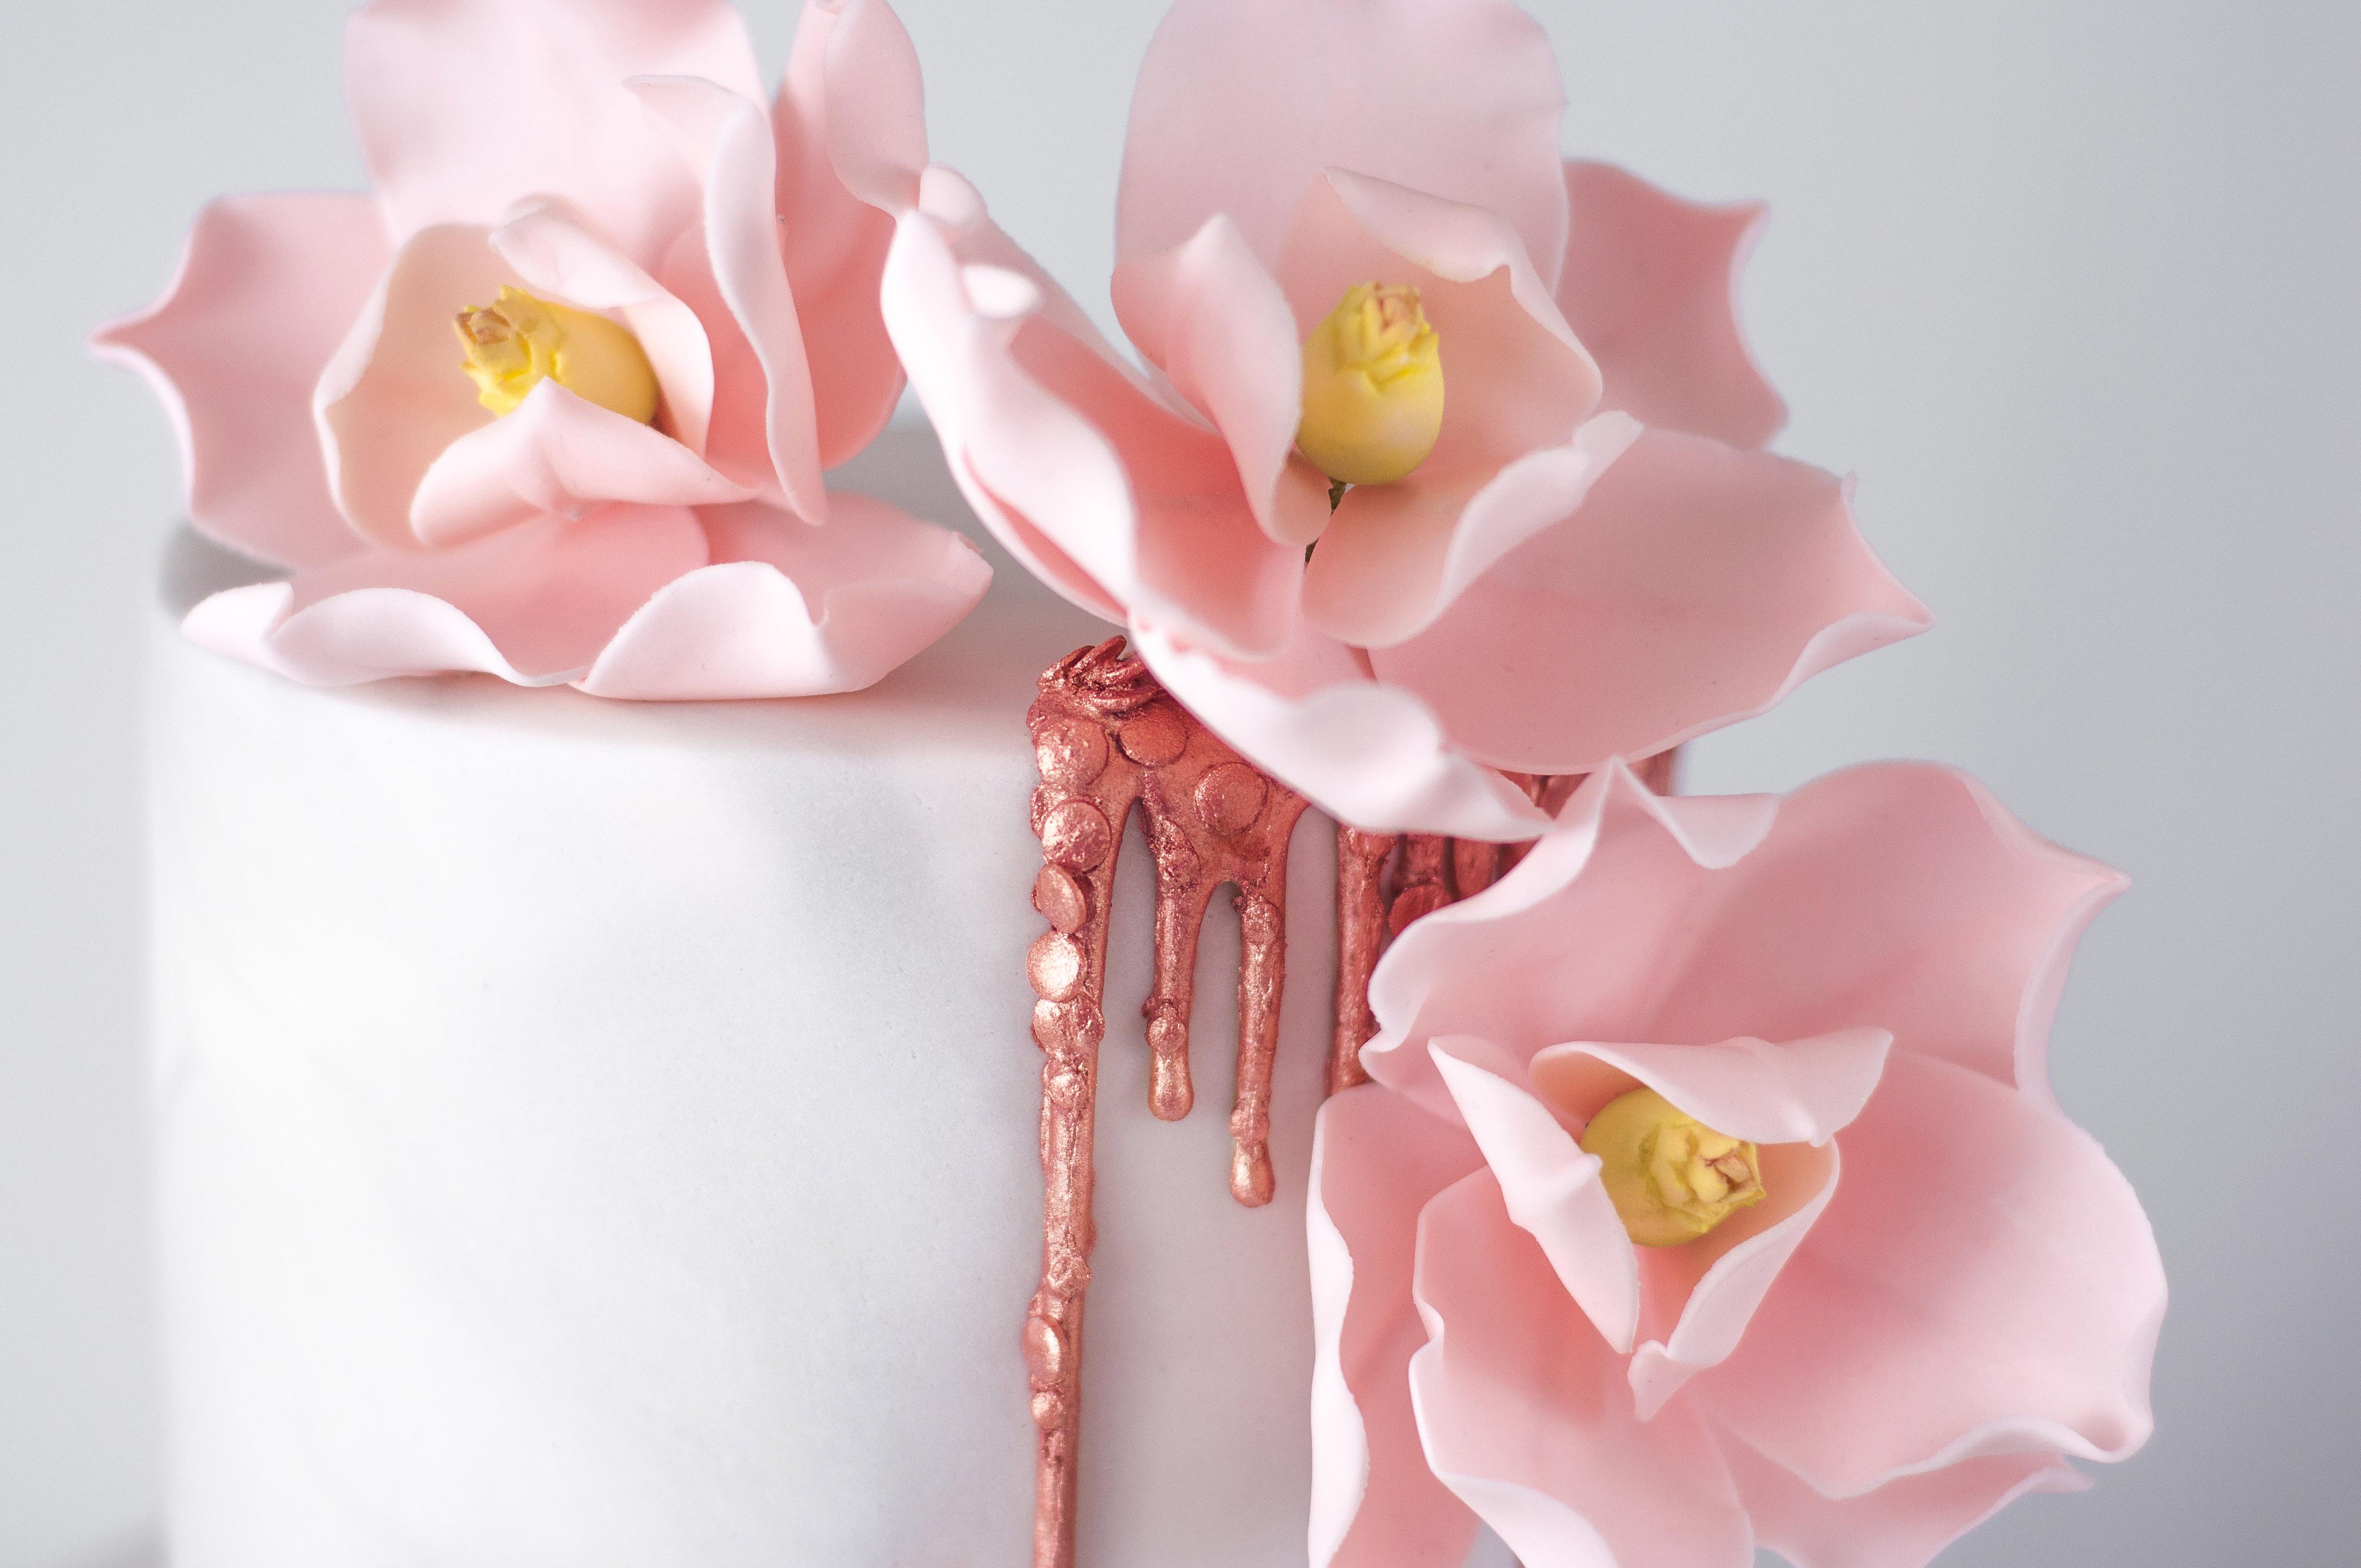 Pink sugar magnolias